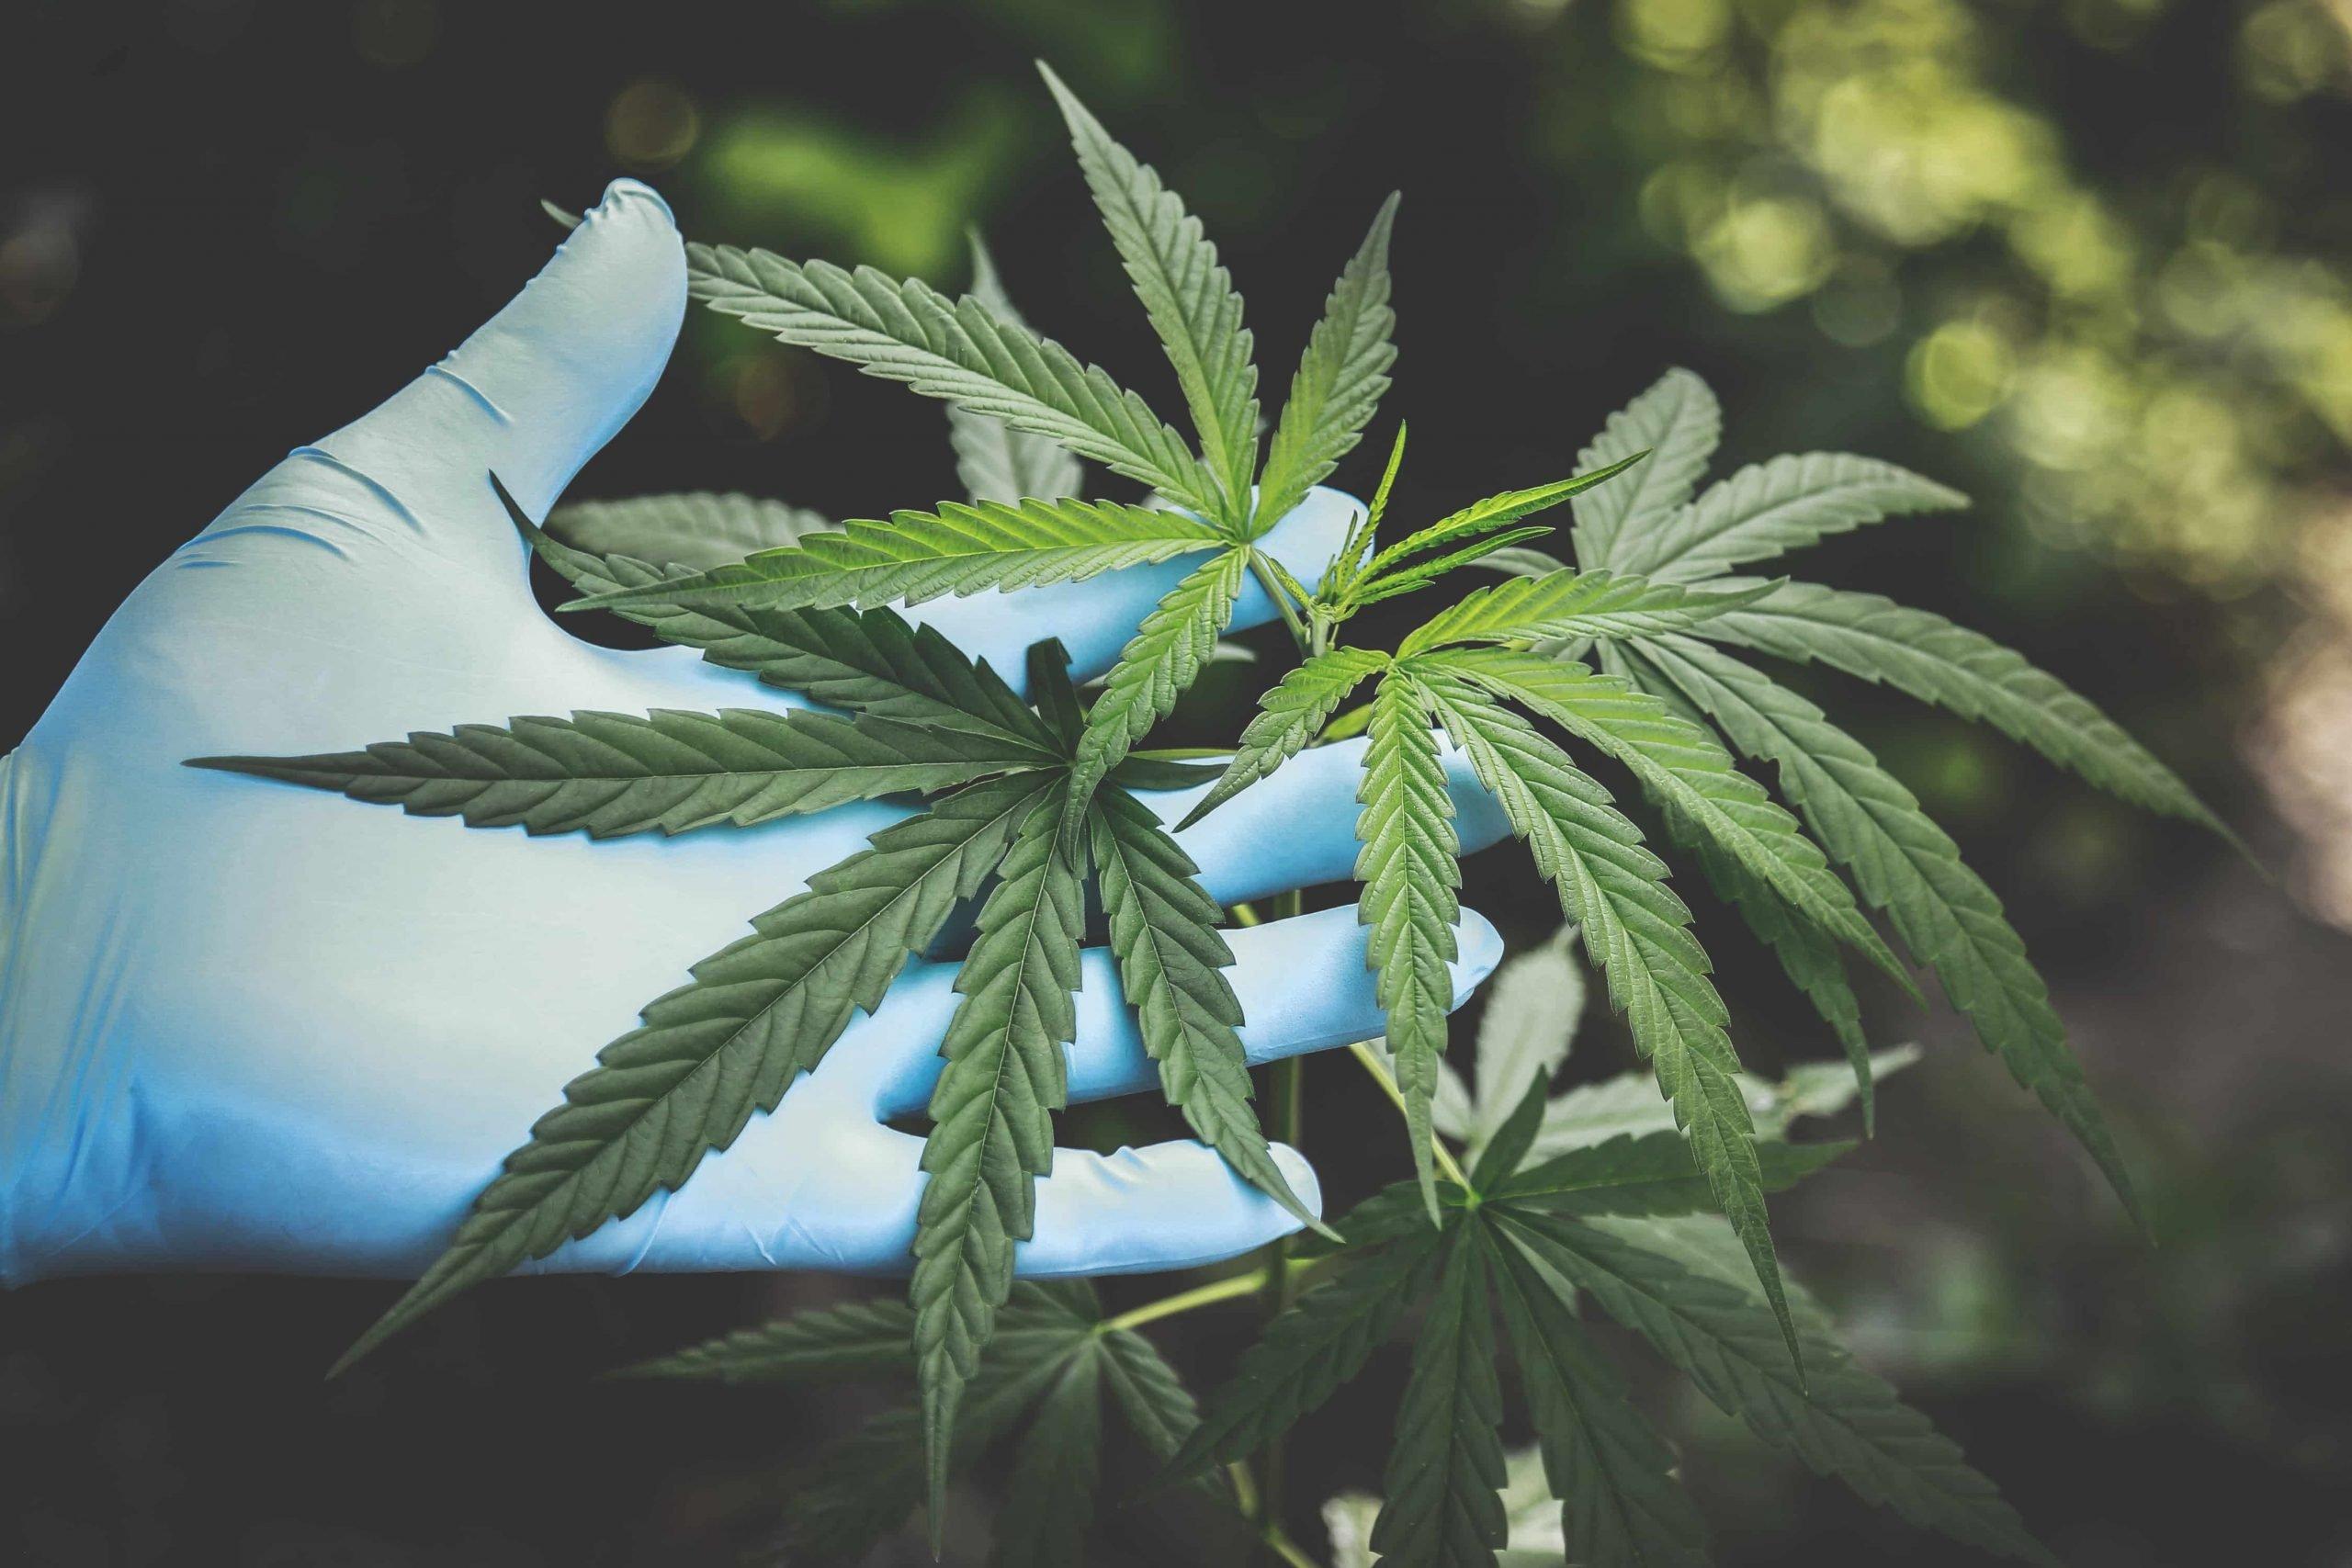 Maggiore chiarezza sui semi e la coltivazione di cannabis